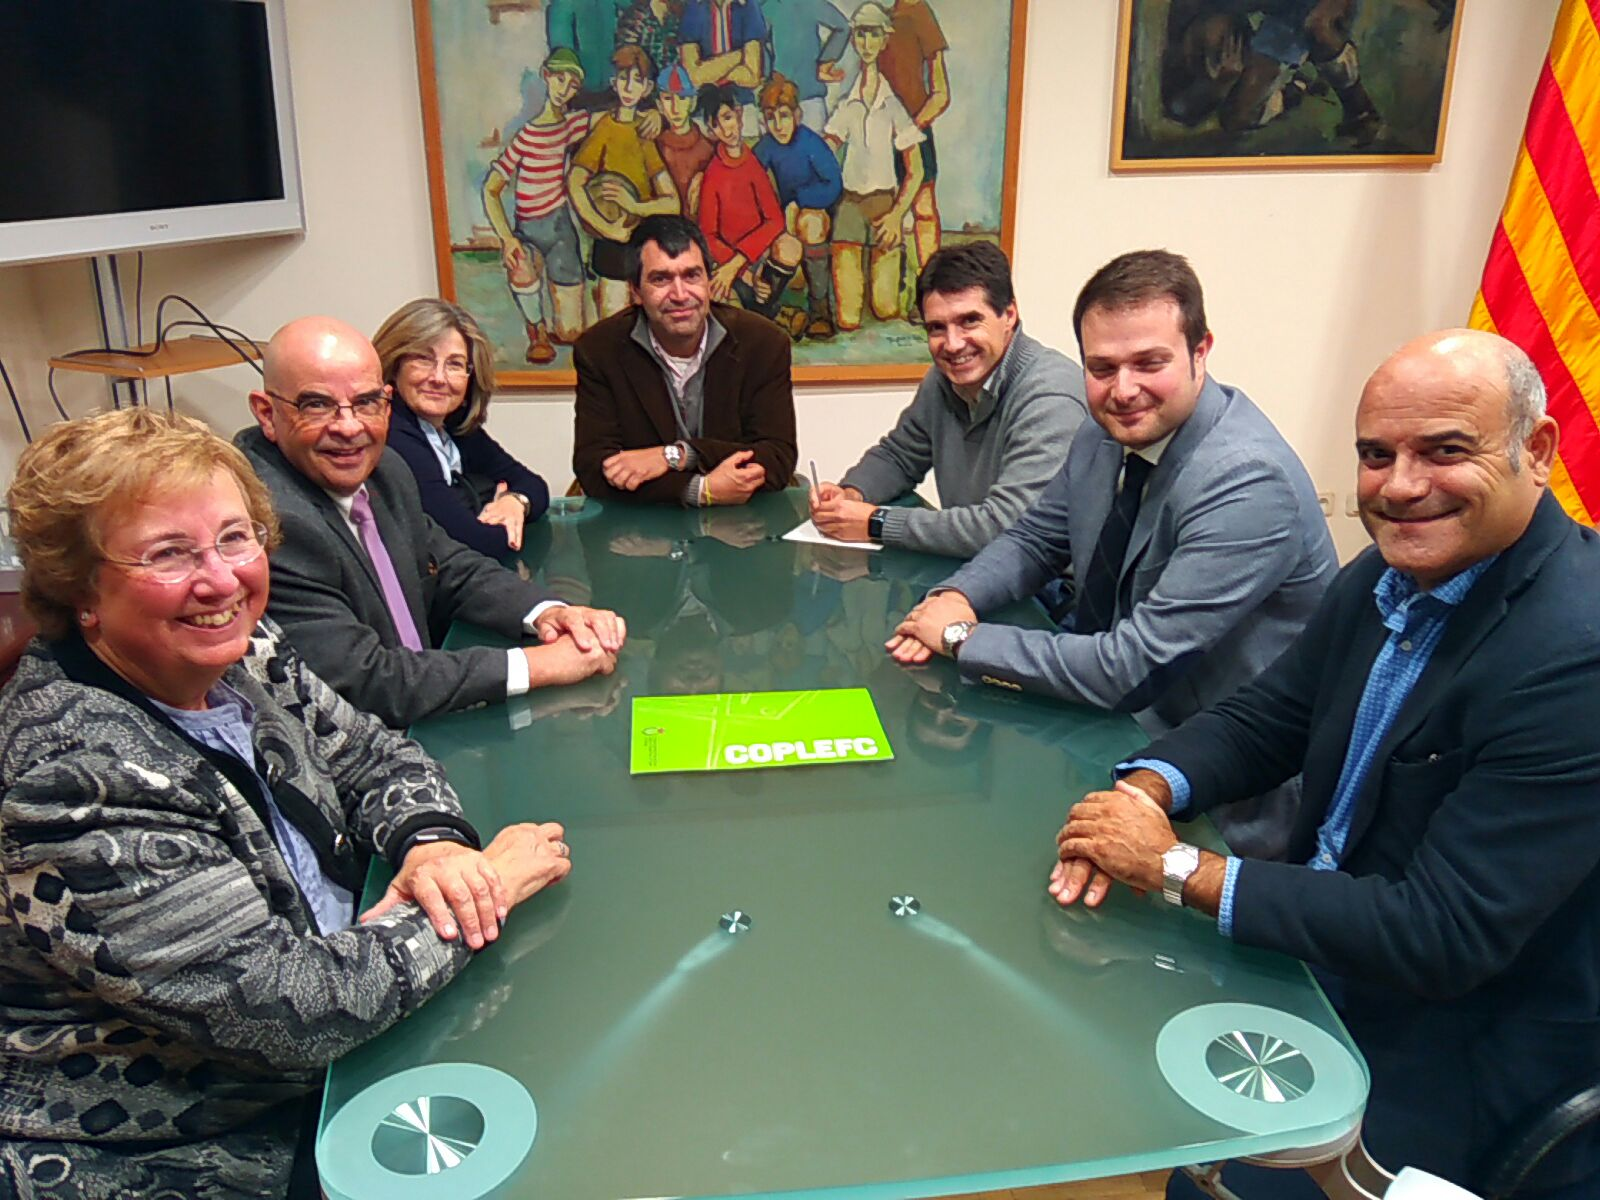 La Junta de COPLEFC, en una trobada amb el Secretari General de l'Esport el passat mes de novembre